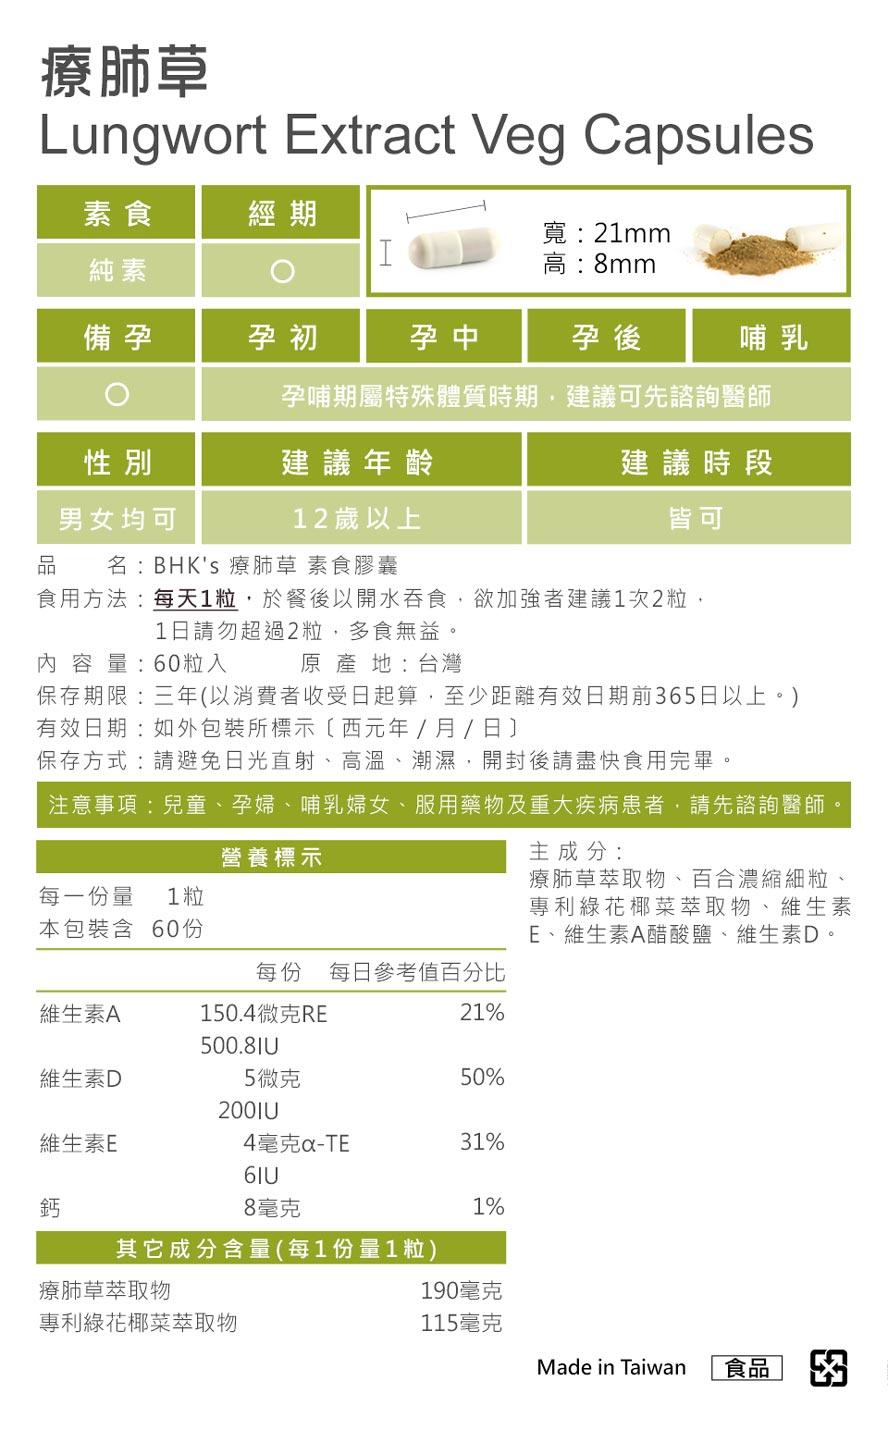 BHK's療肺草通過安全檢驗,安全無慮,無副作用,有效對抗肺部疾病。